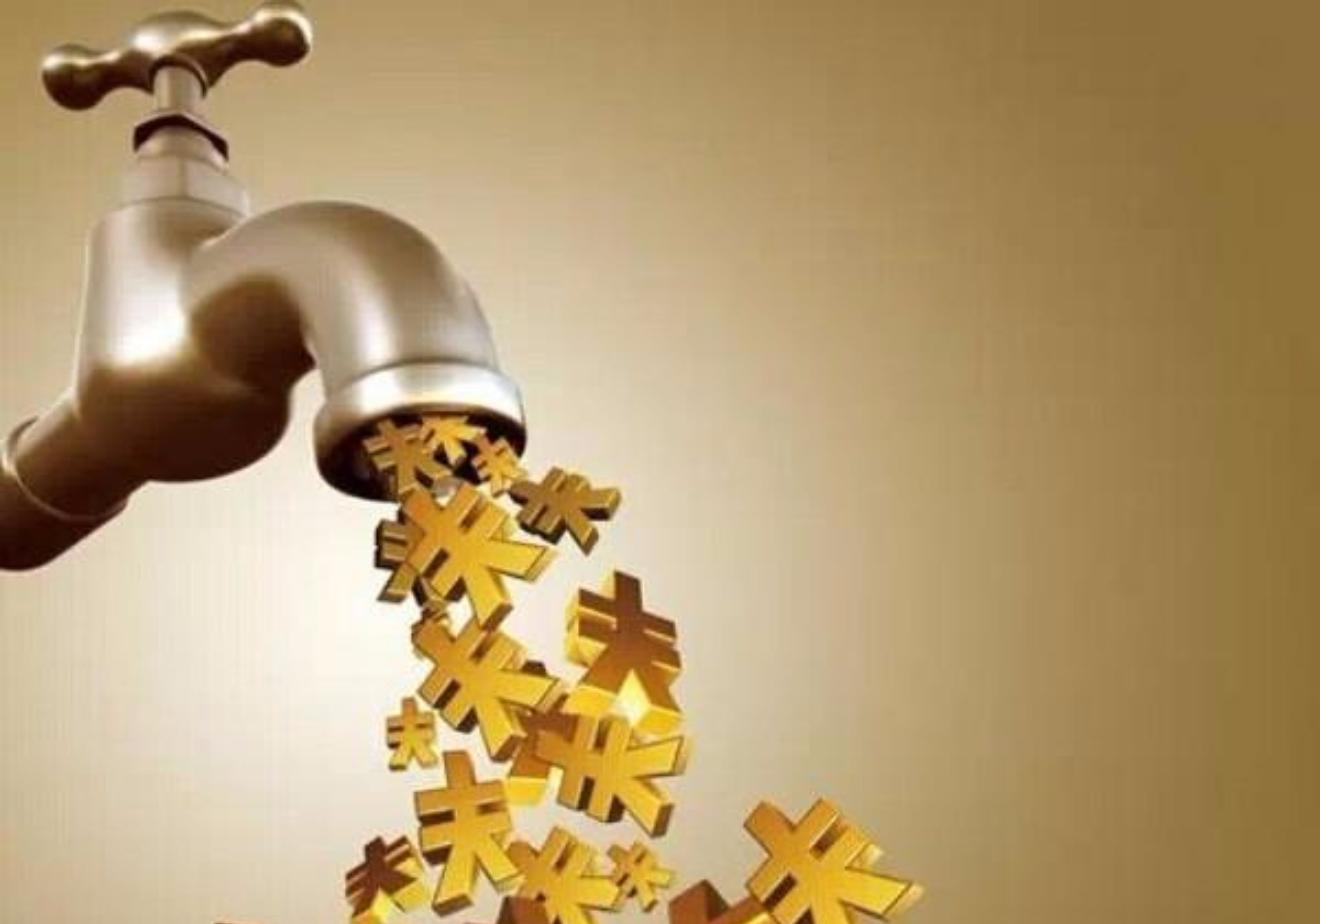 网上平台炒邮票致上万人受骗 检察机关依法公诉140余名嫌犯